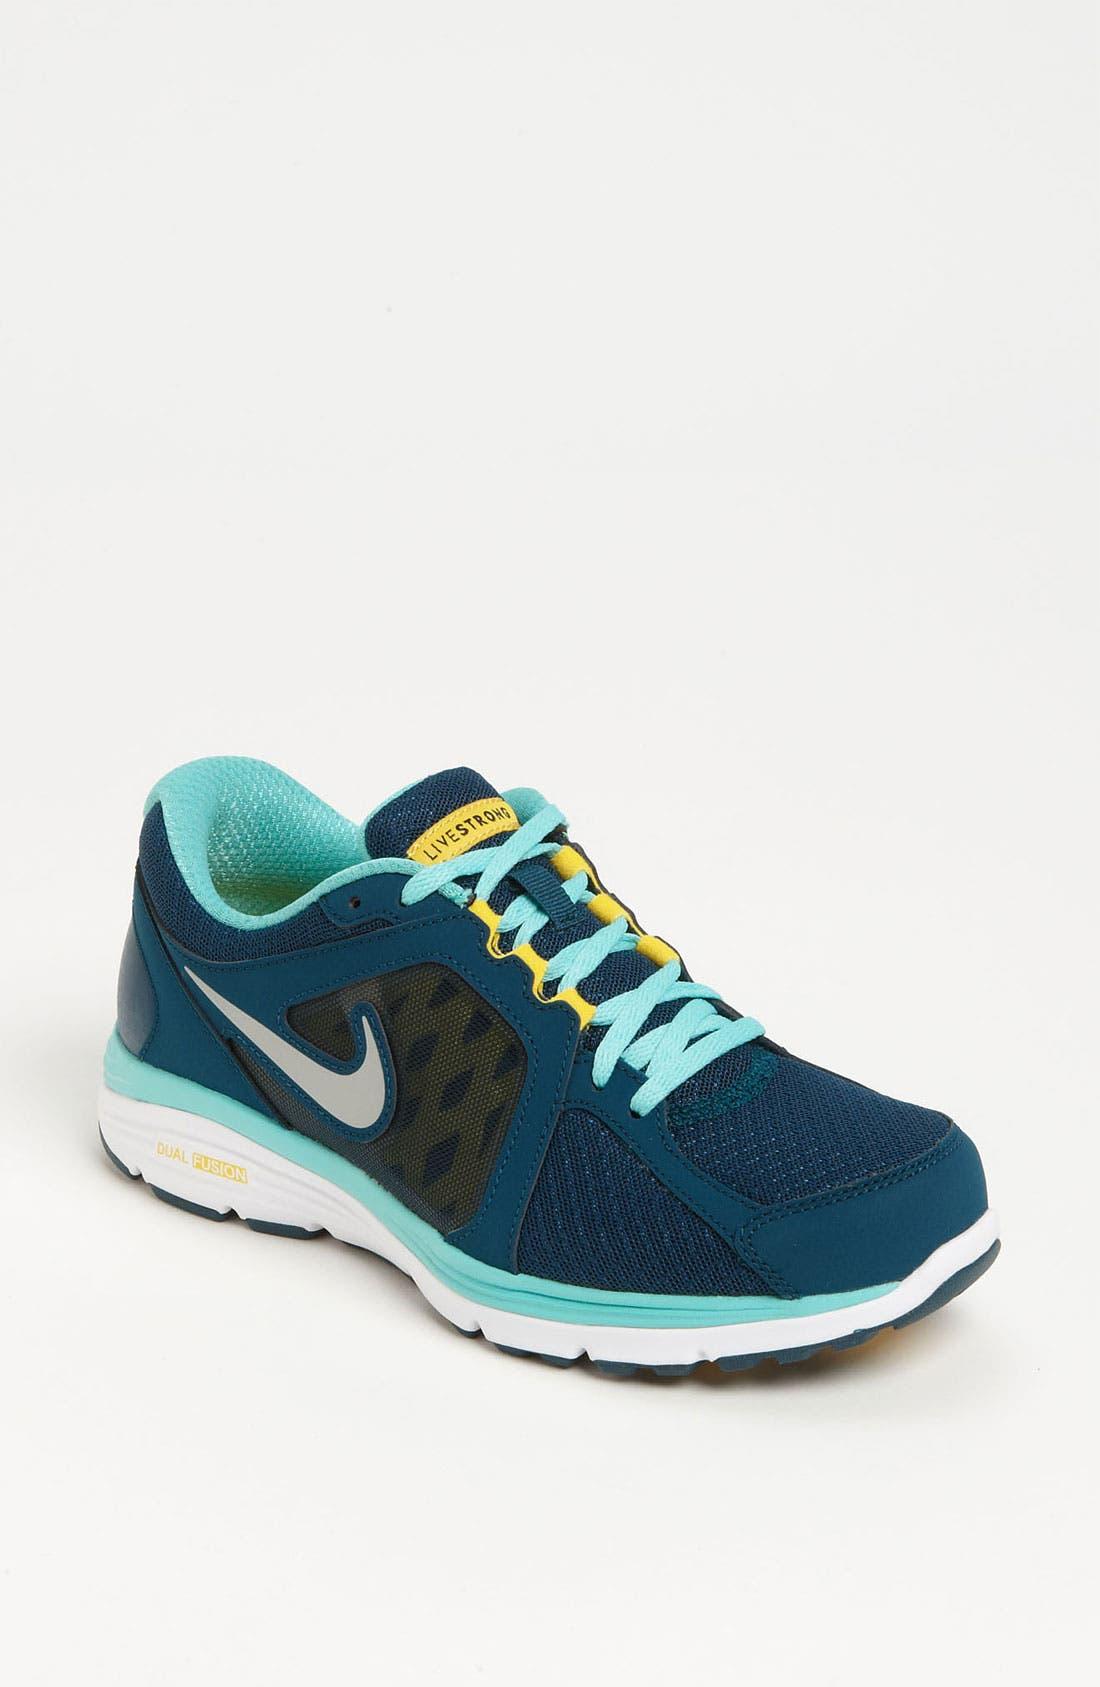 Main Image - Nike 'Dual Fusion Run Livestrong' Running Shoe (Women)